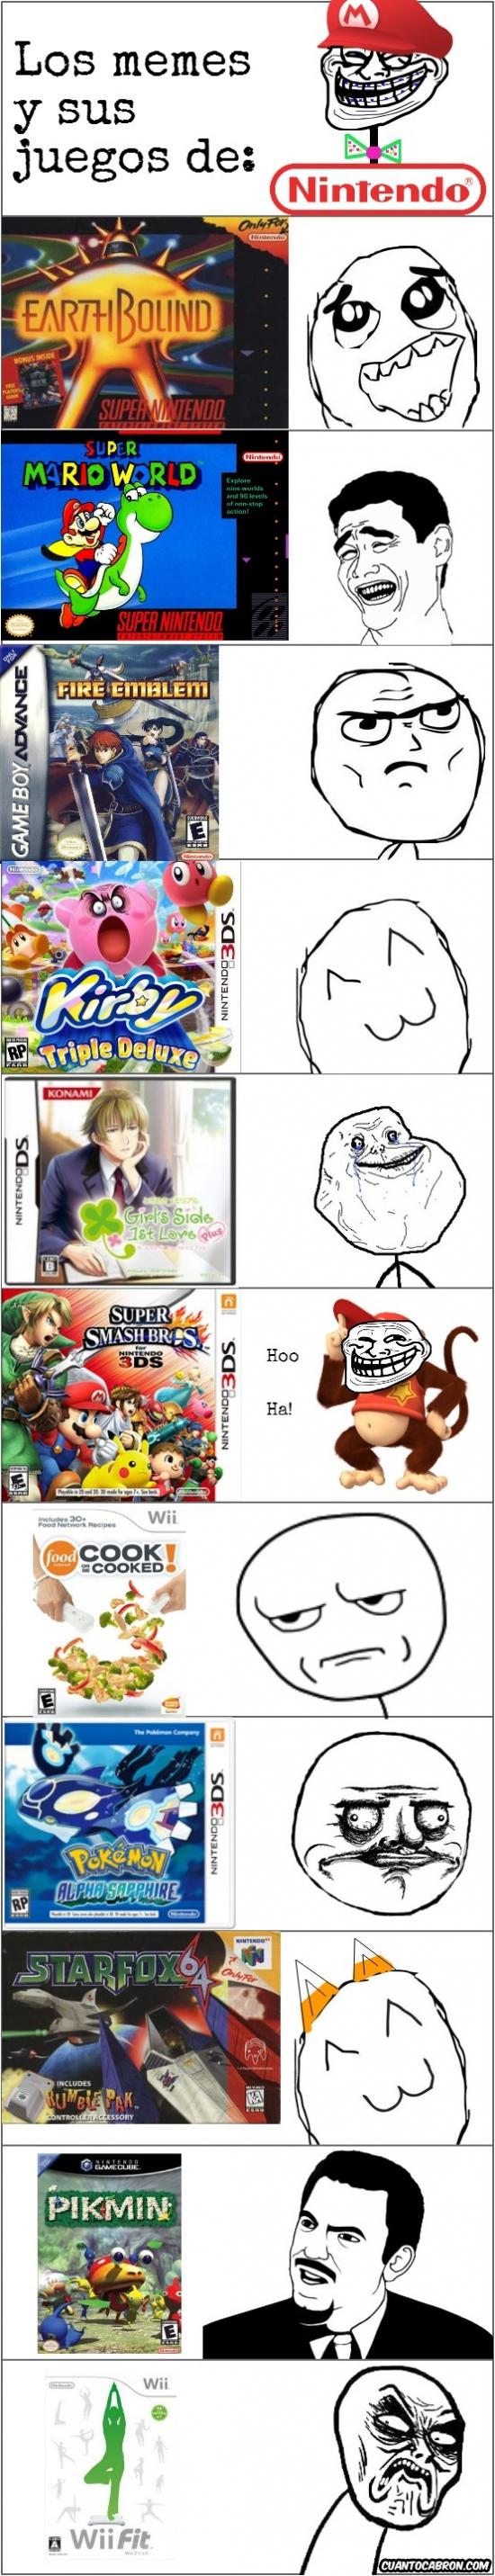 Mix - Los memes y sus juegos de Nintendo